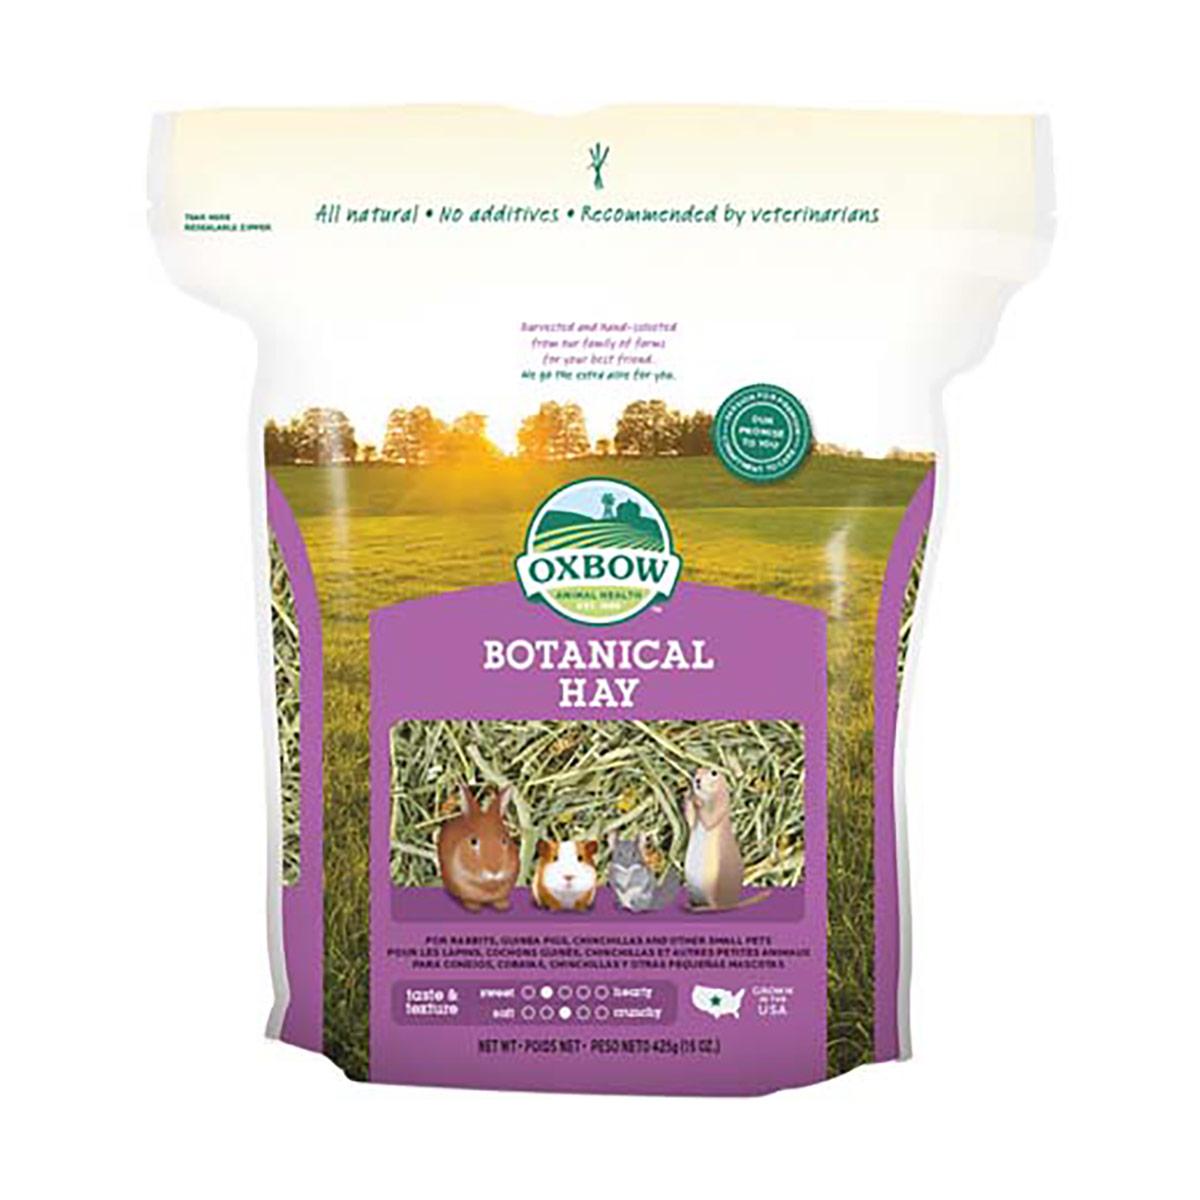 Image of Oxbow Botanical Hay : 425 gr